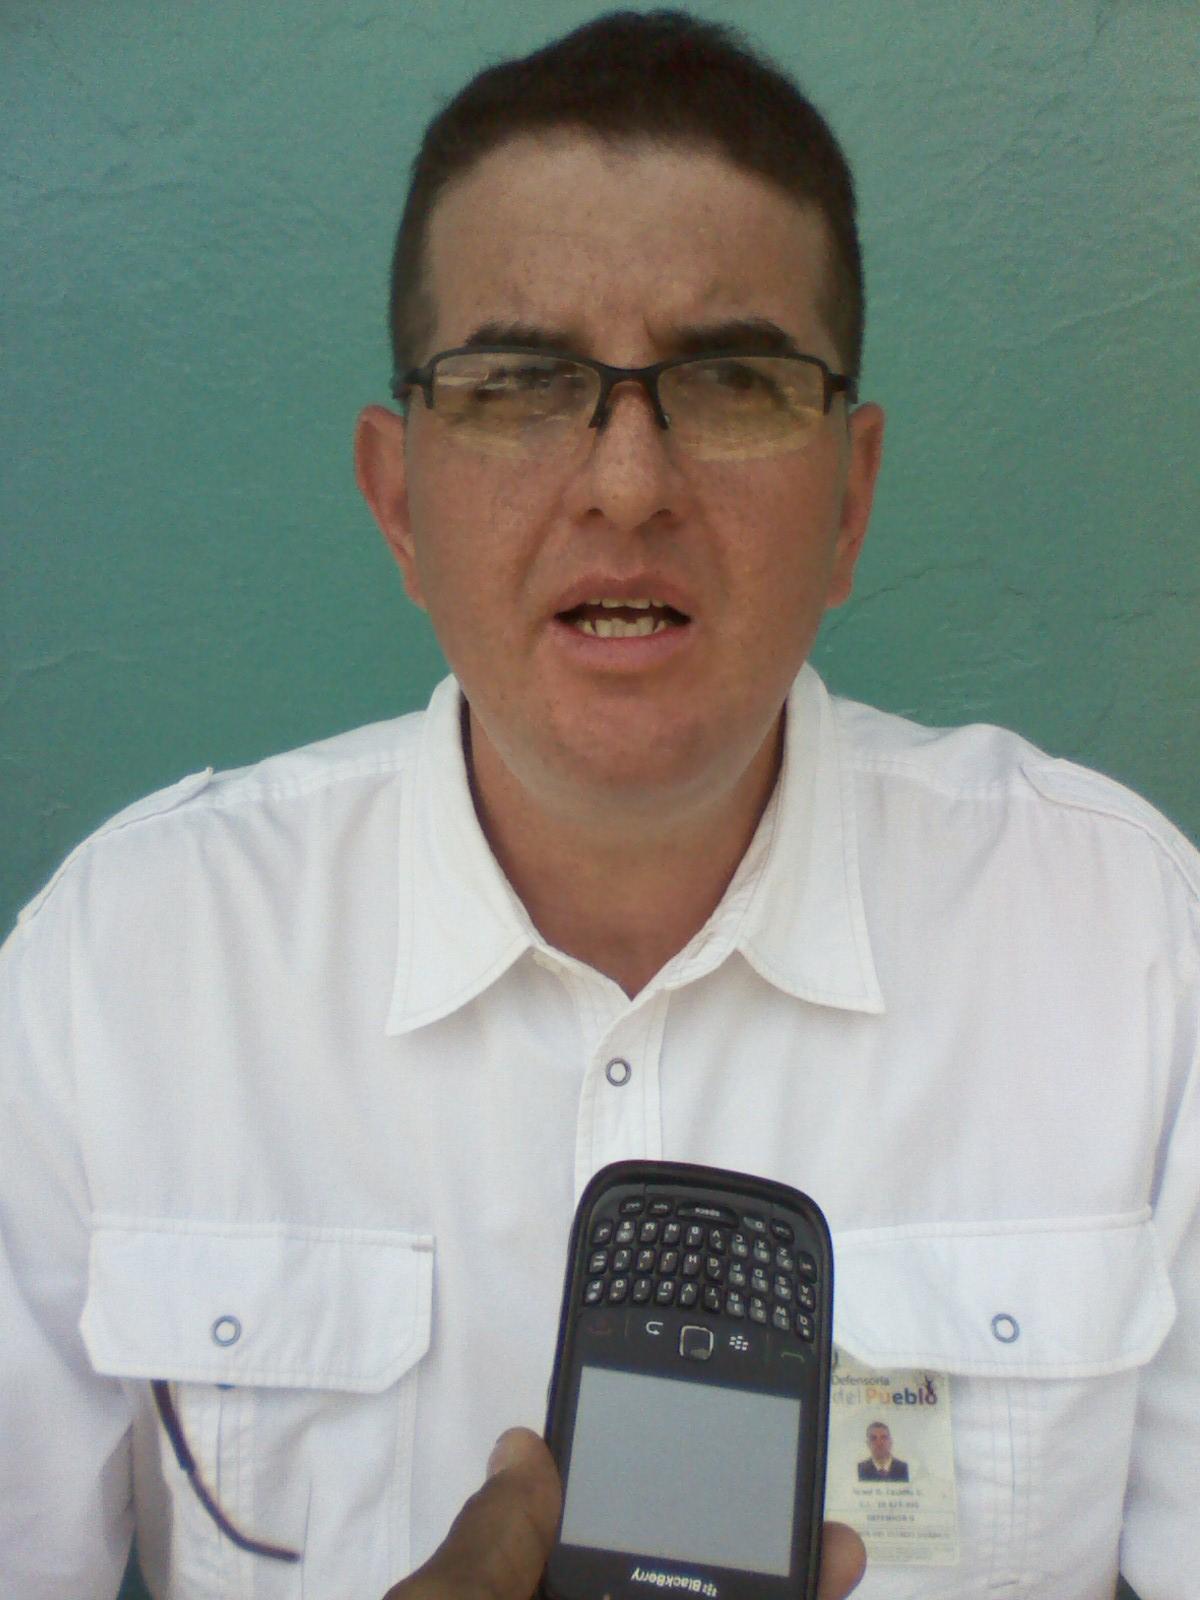 El defensor 4to de la Defensoría del Pueblo Israel Castillo expresó que se esta constatando el buen funcionamiento de las unidades